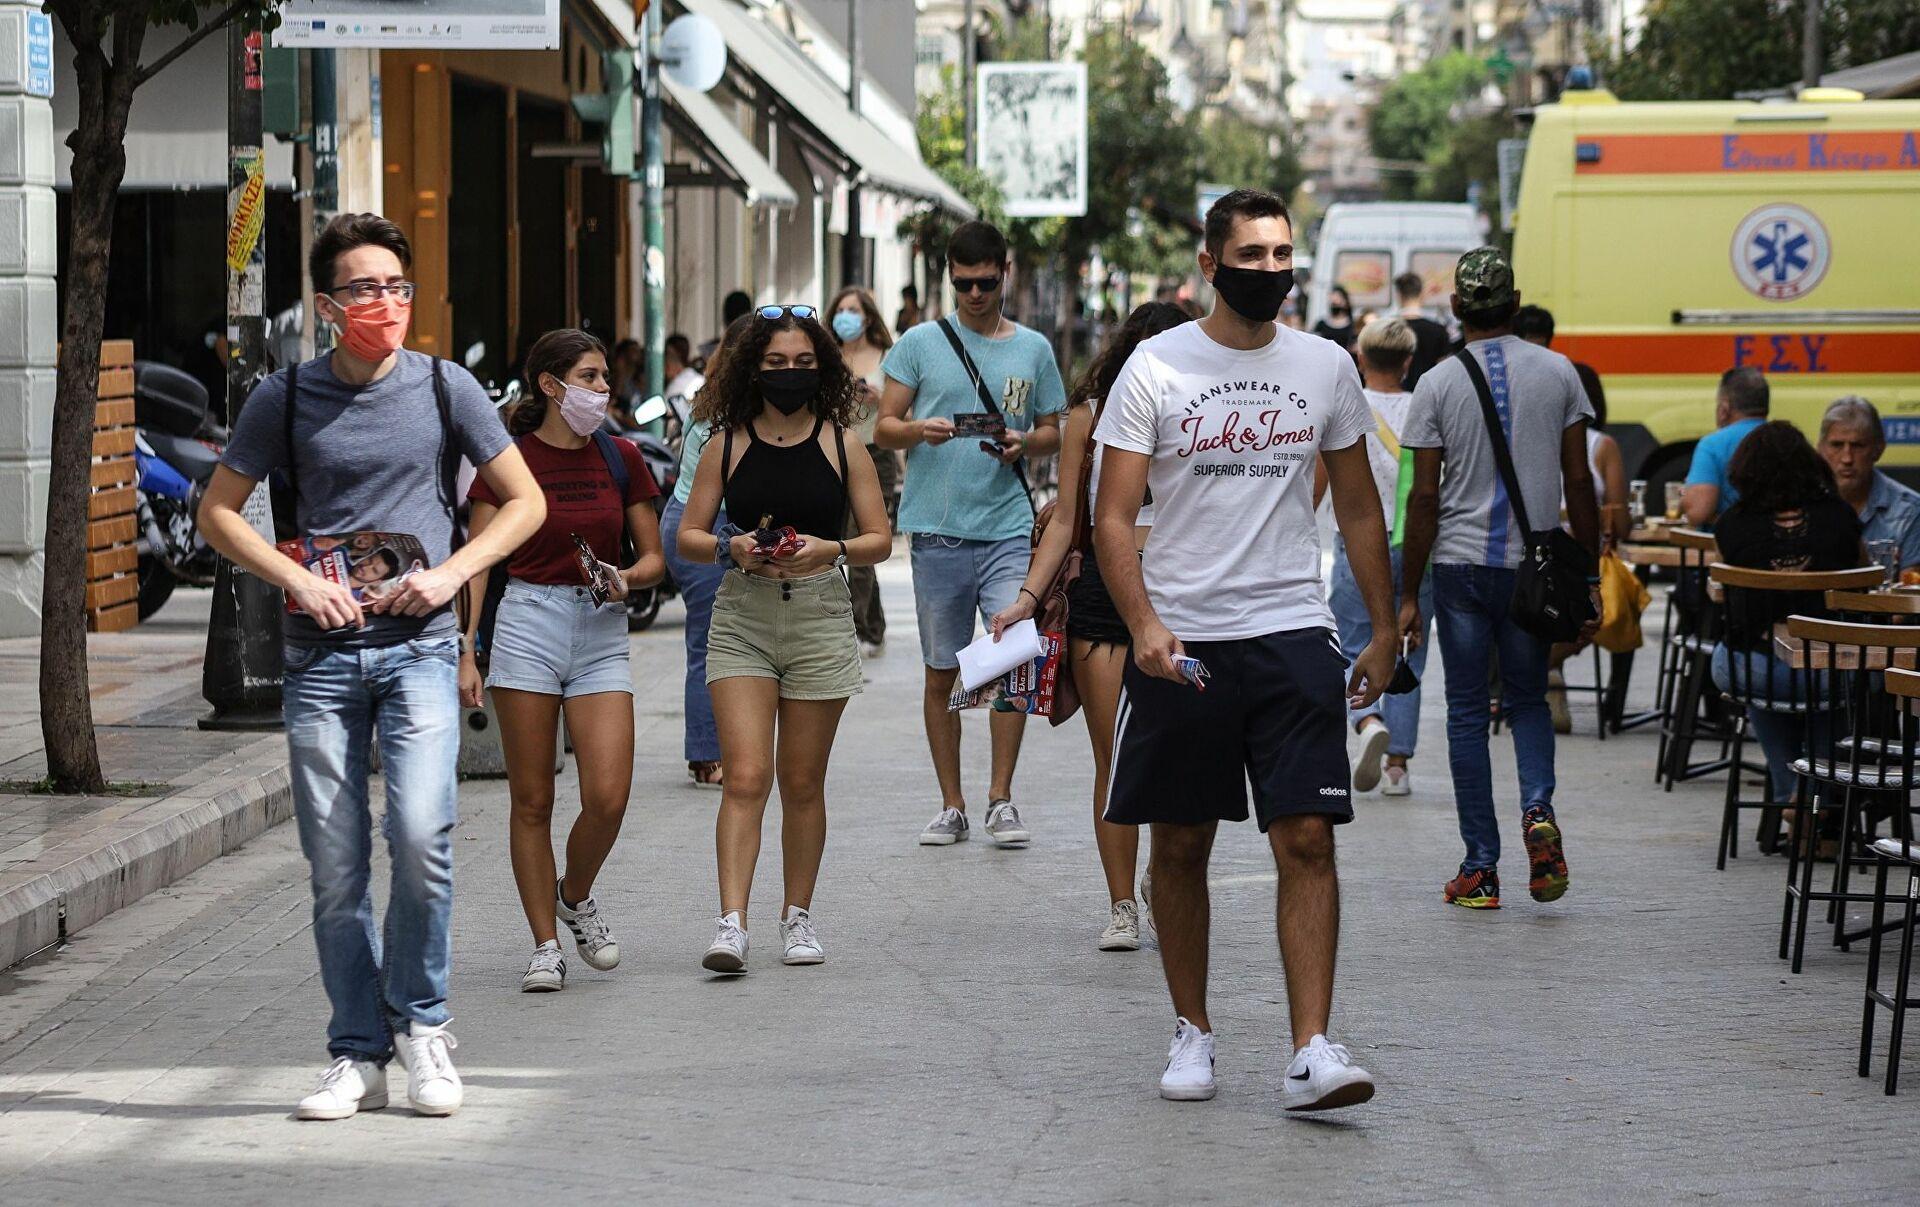 Κορωνοϊός: Βγάζουν τη μάσκα στα γυμναστήρια οι εμβολιασμένοι